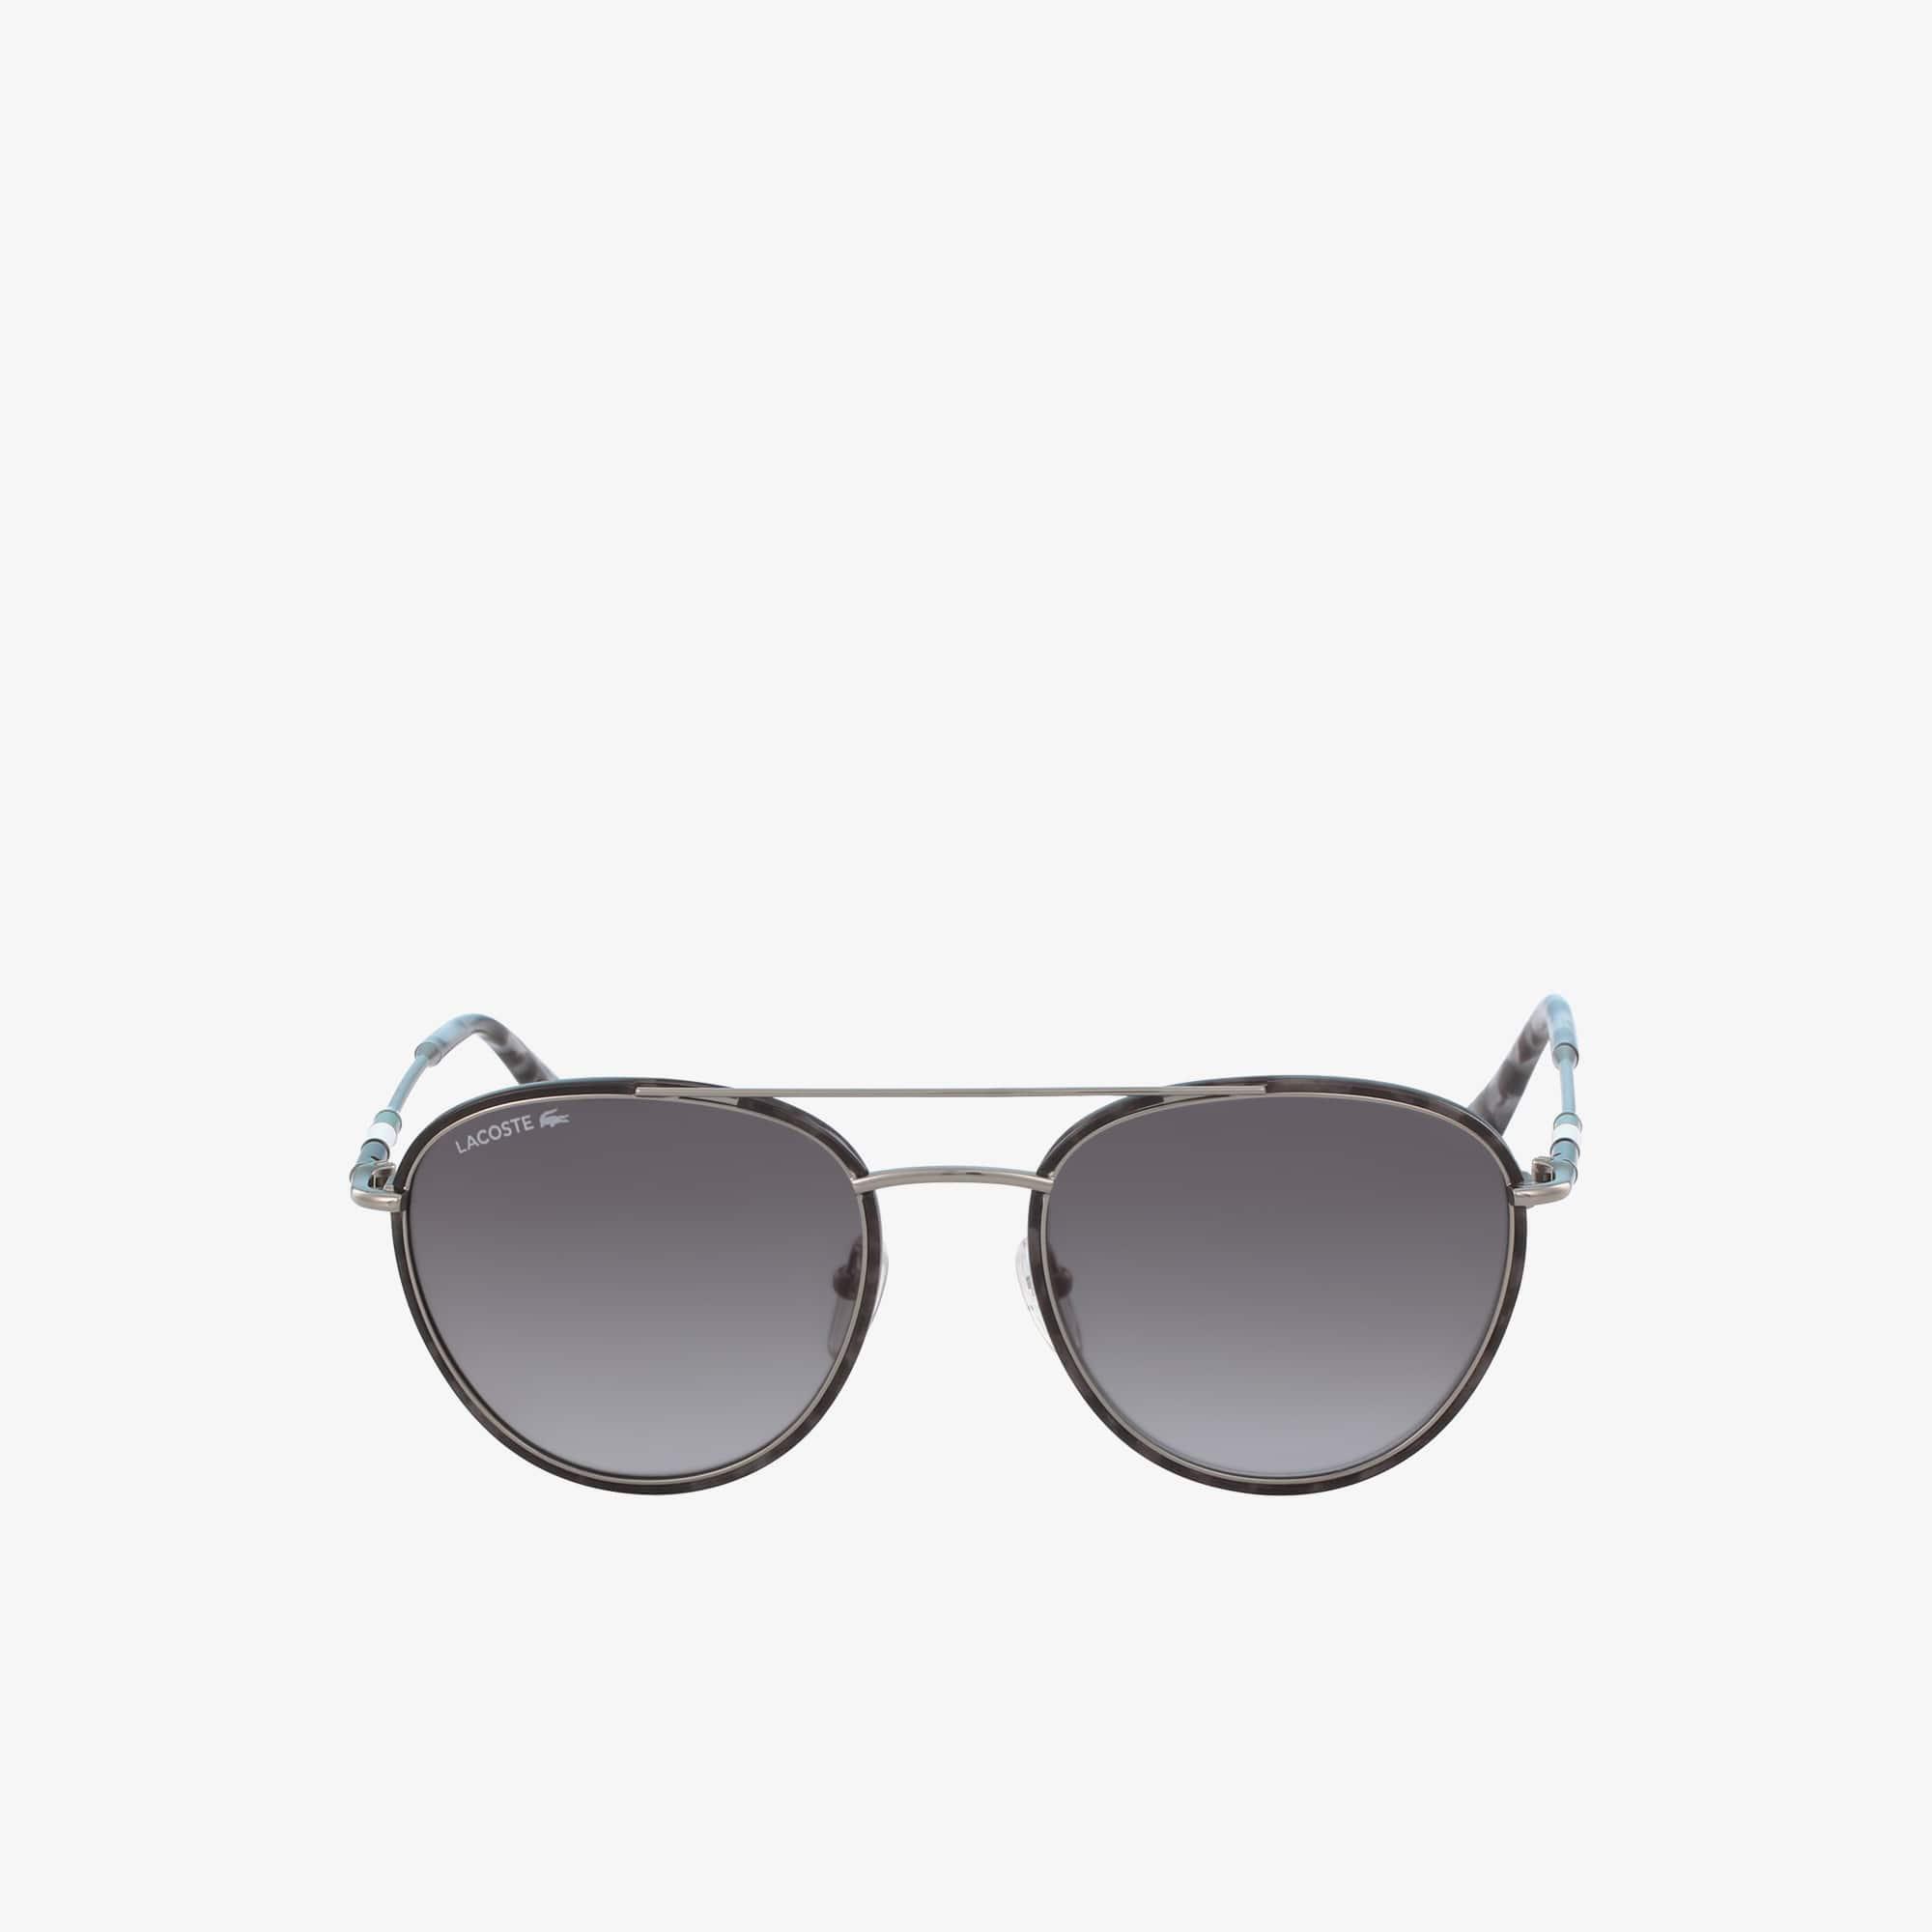 83ac68b5729 Oval Metal Heritage Sunglasses